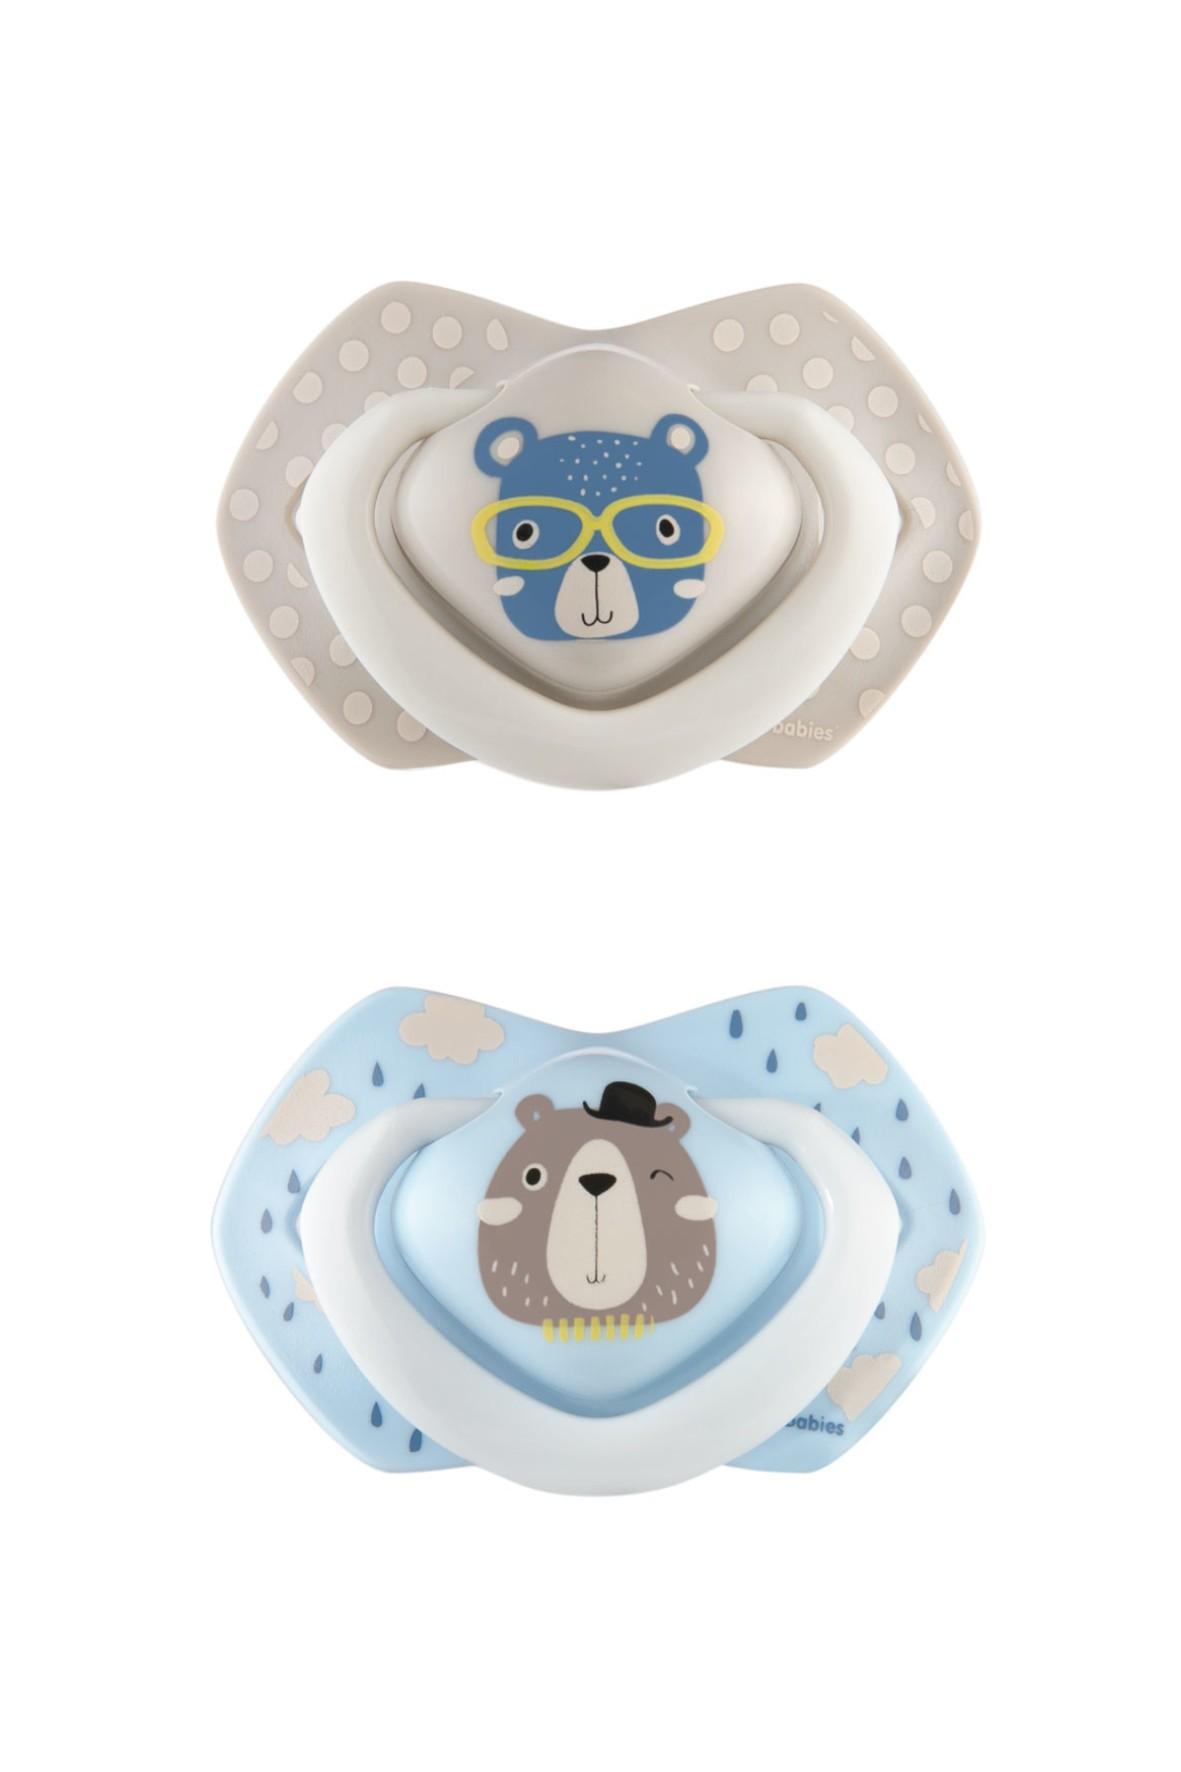 Canpol babies Smoczek silikonowy 0-6 m-cy symetryczny BONJOUR PARIS - 2szt.